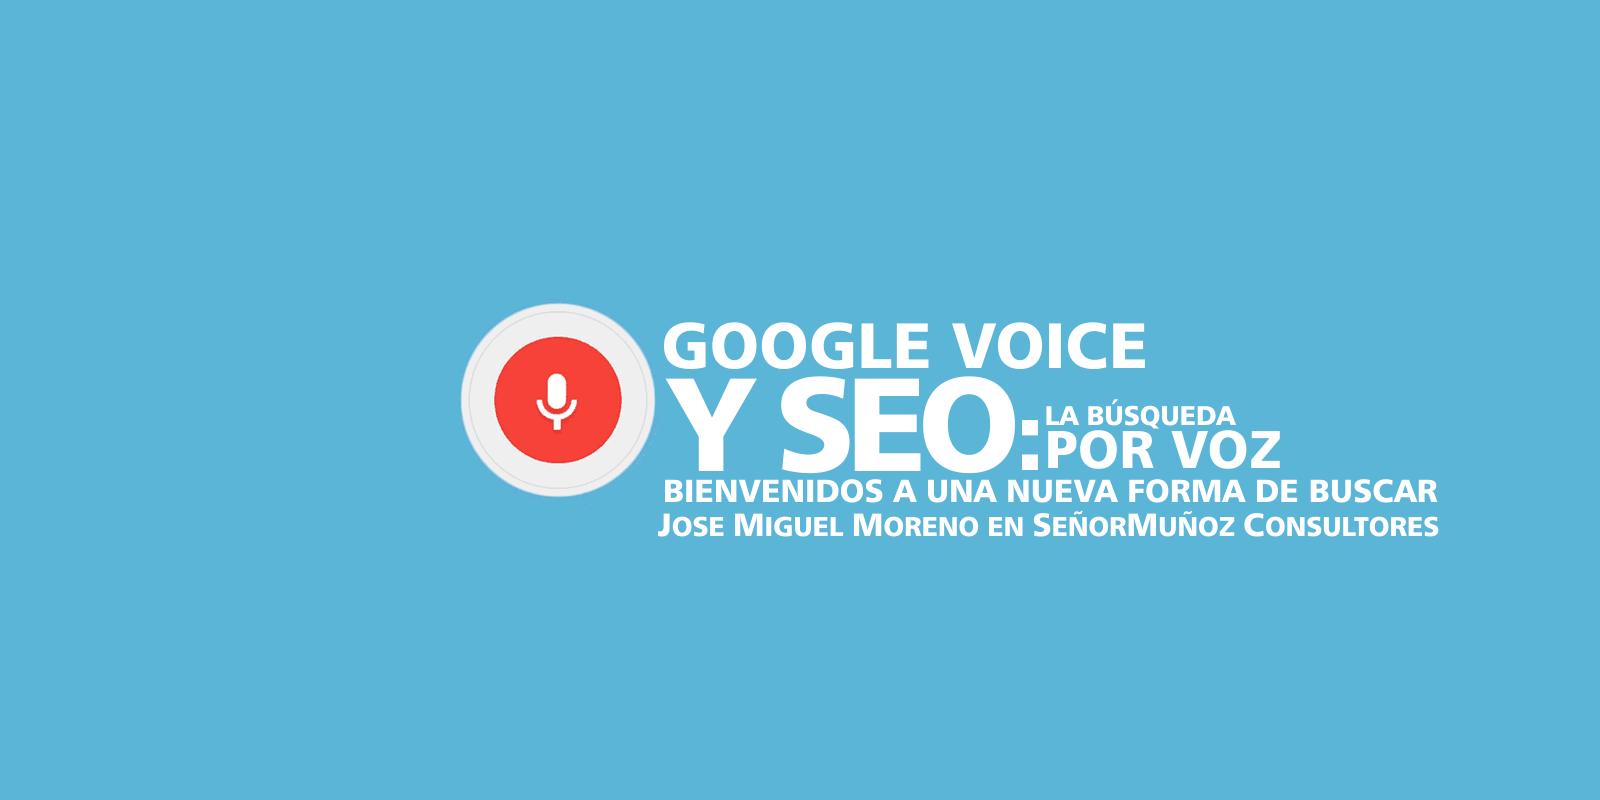 google voice y SEO